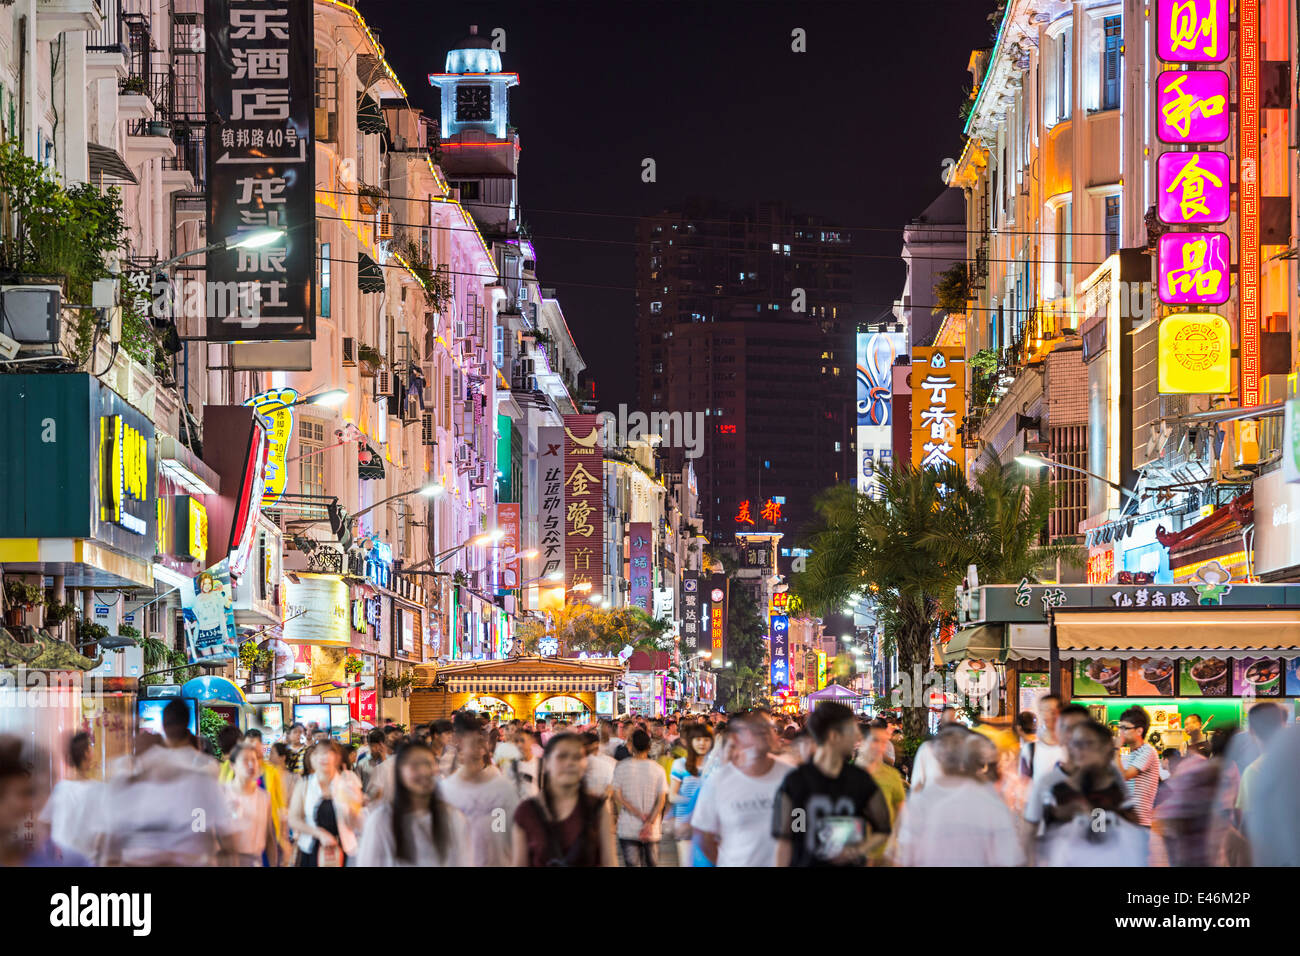 La calle Zhongshan, Xiamen, Fujian, China. Imagen De Stock